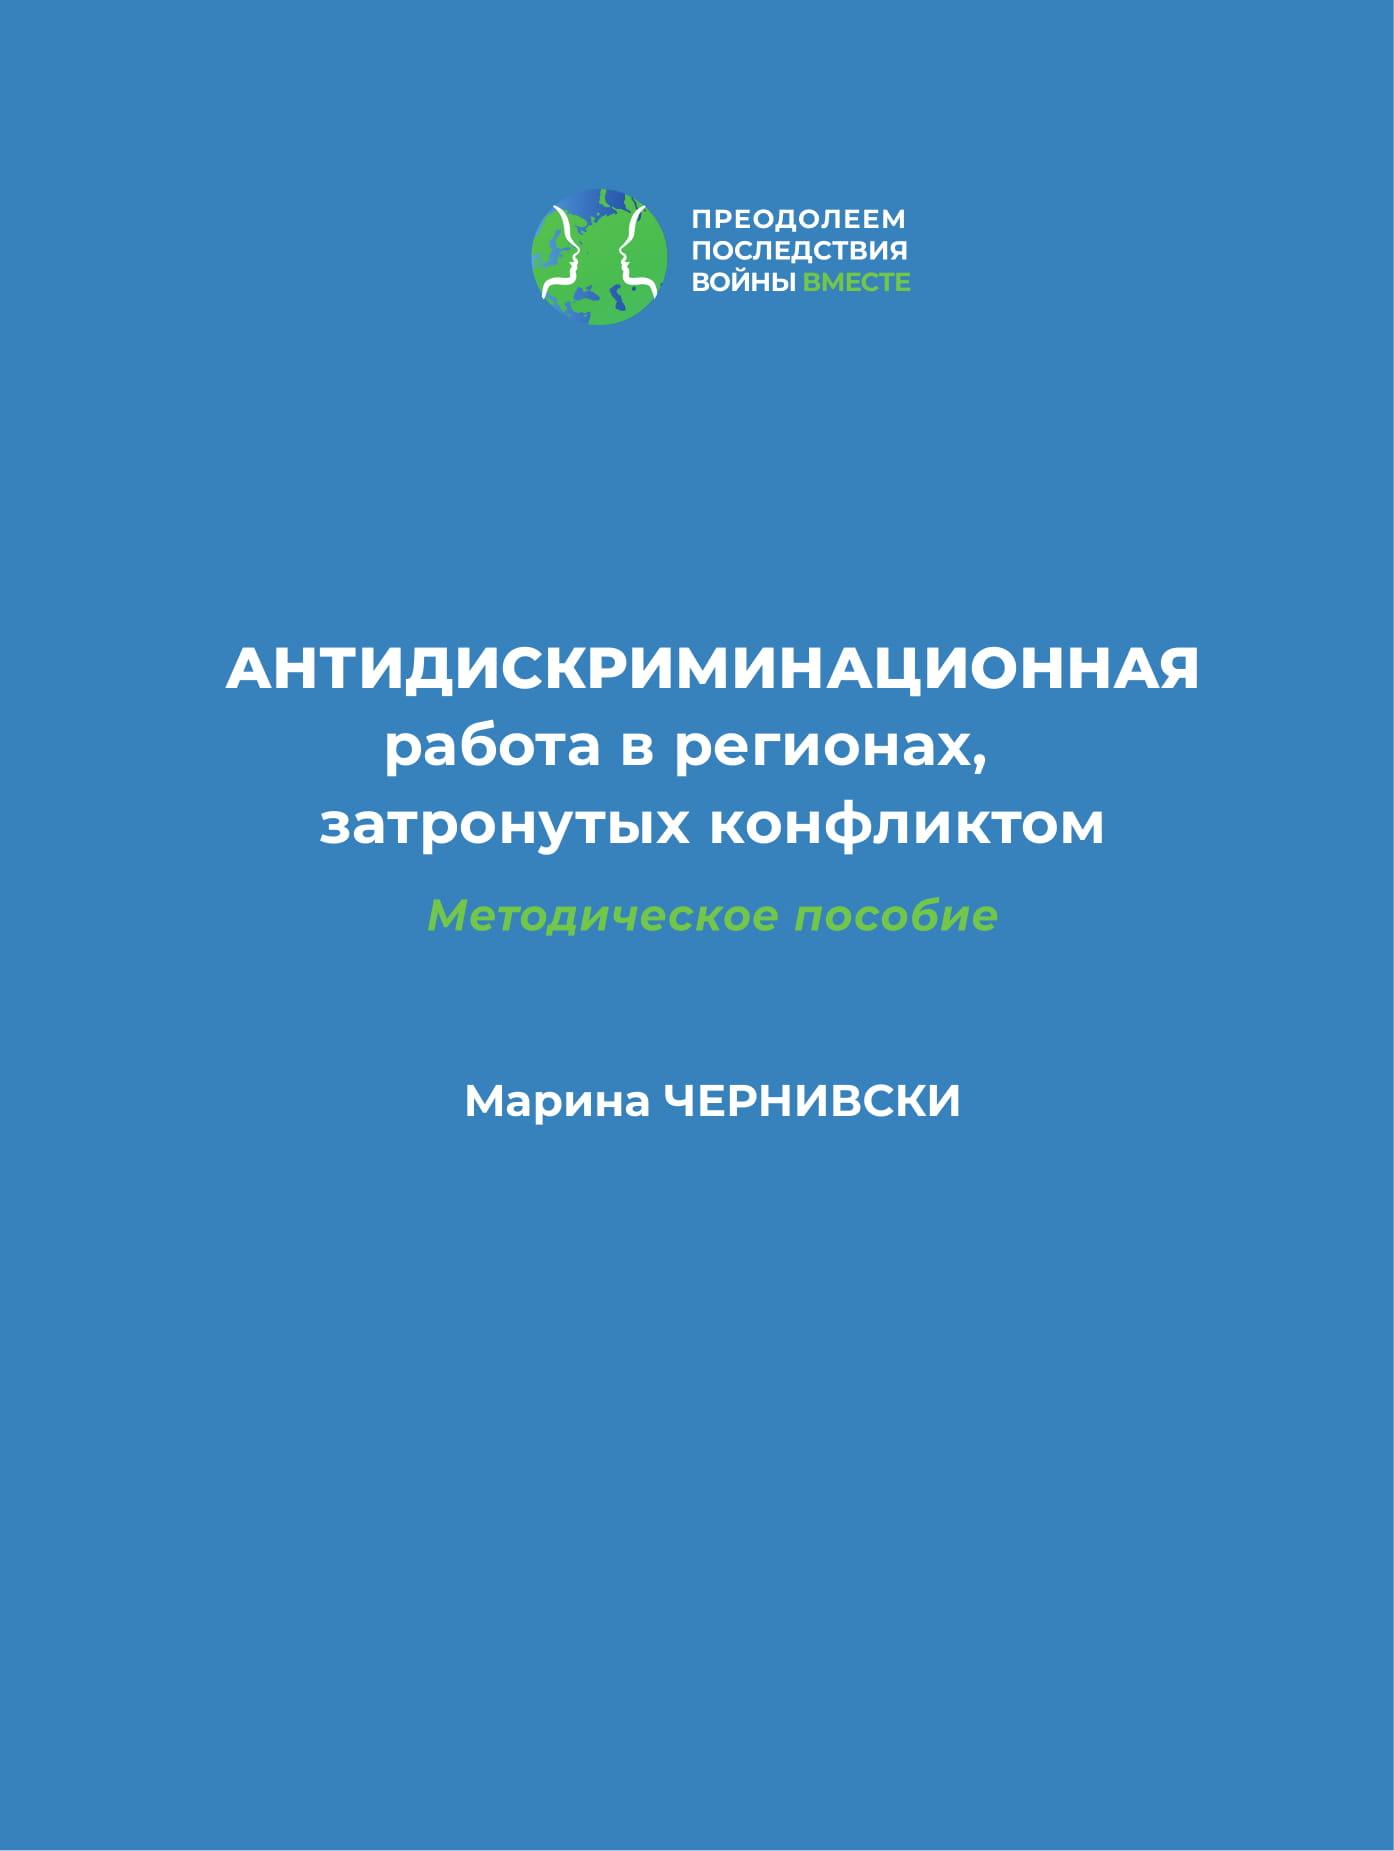 RU Антидискриминация_превью-pages-1-1